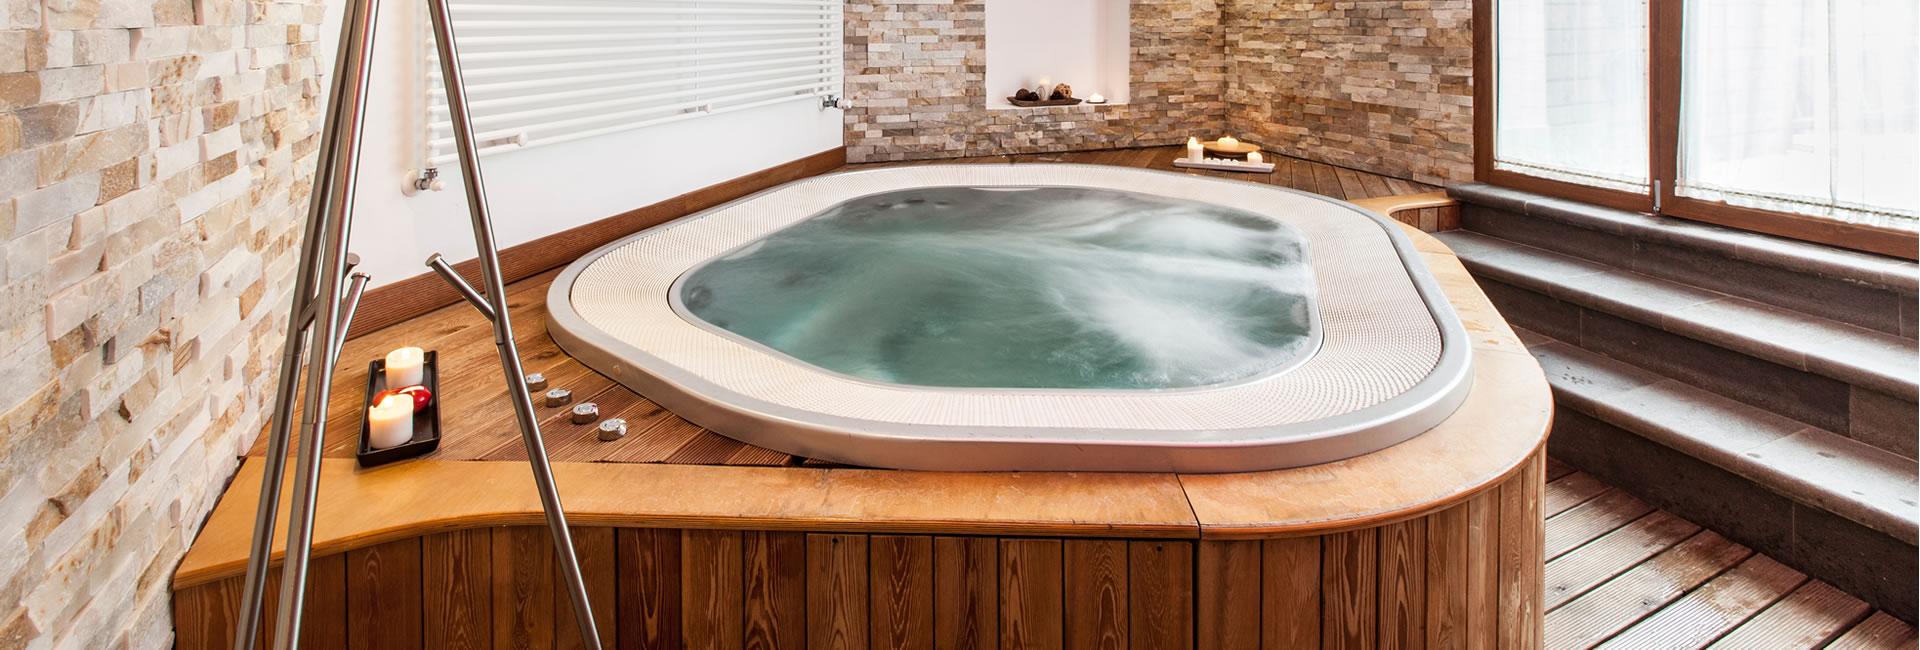 centro benessere trattamenti listino dormire val d'orcia hotel aurora monte amiata